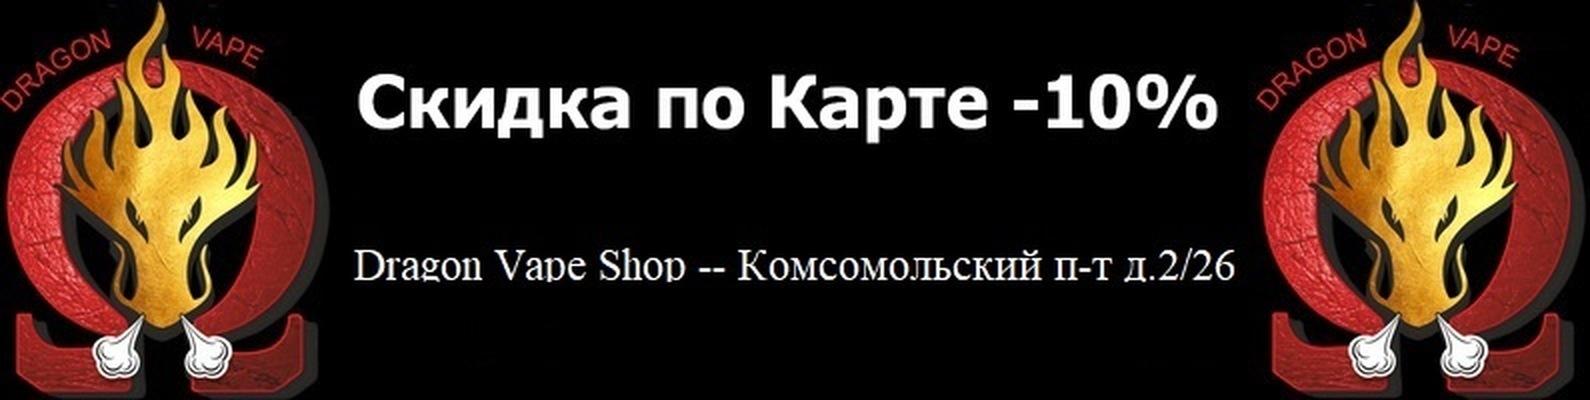 Купить электронные сигареты тверь армянские сигареты купить оптом в москве дешево мелким